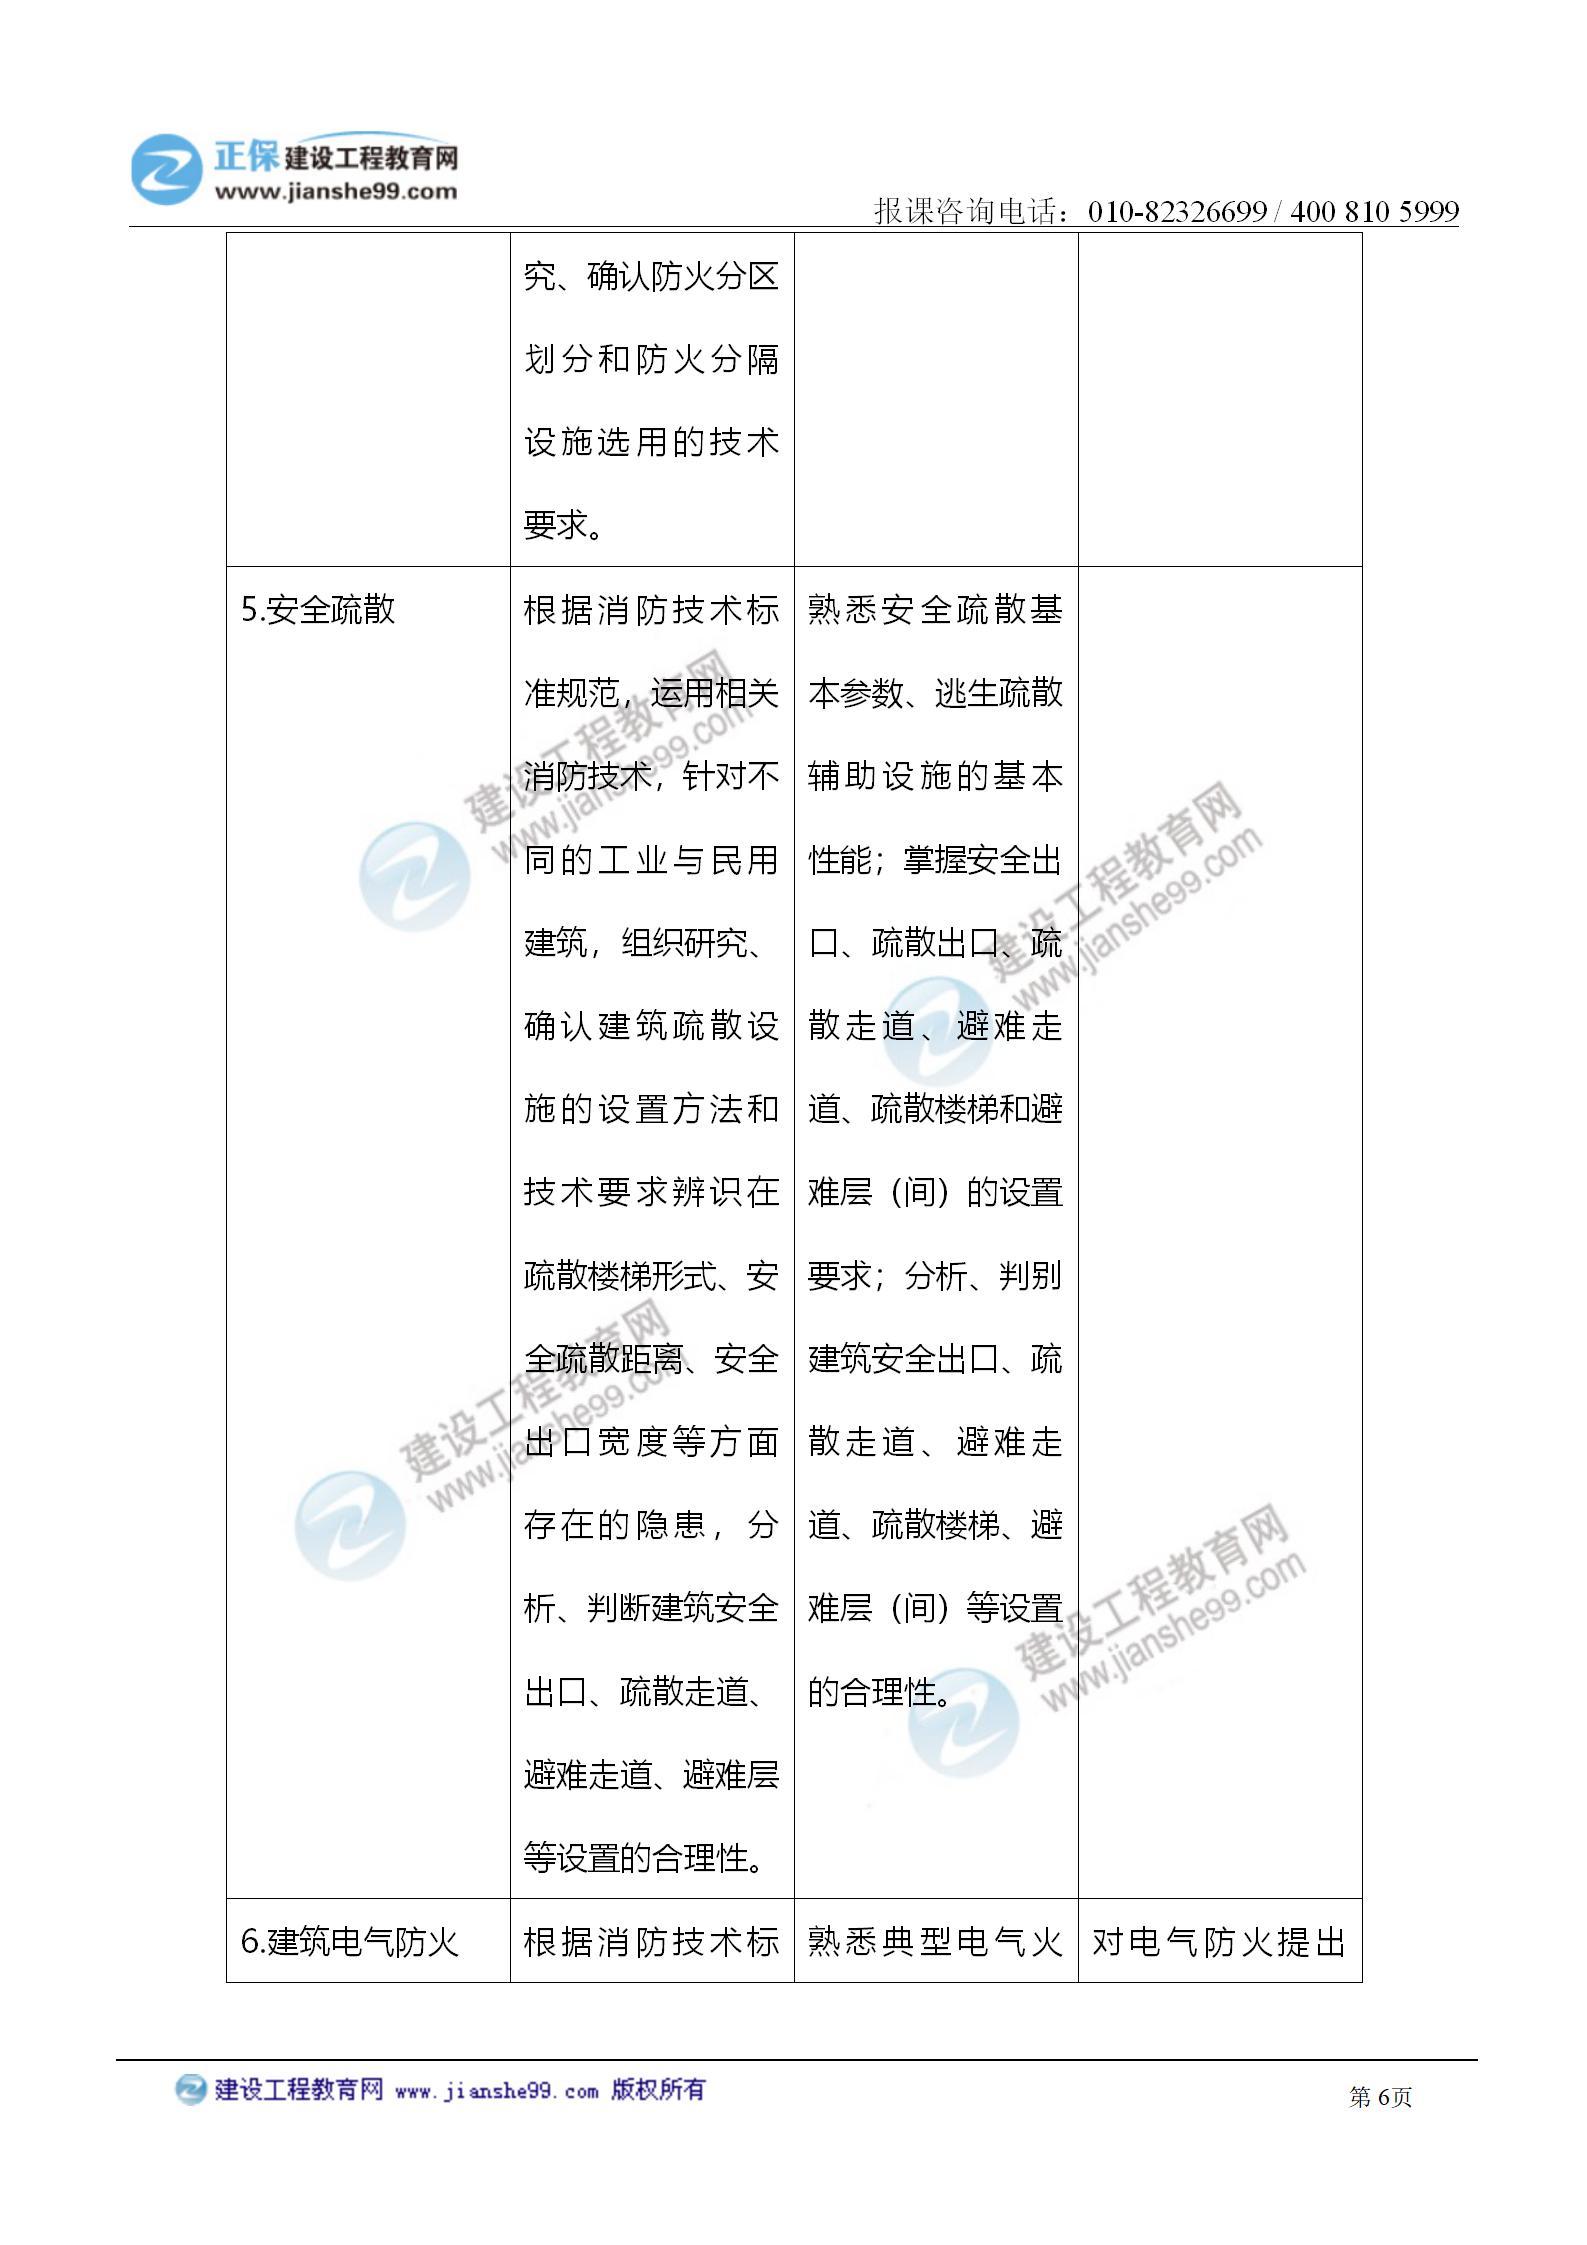 2021注册消防工程师《技术实务》考试大纲变化情况_06